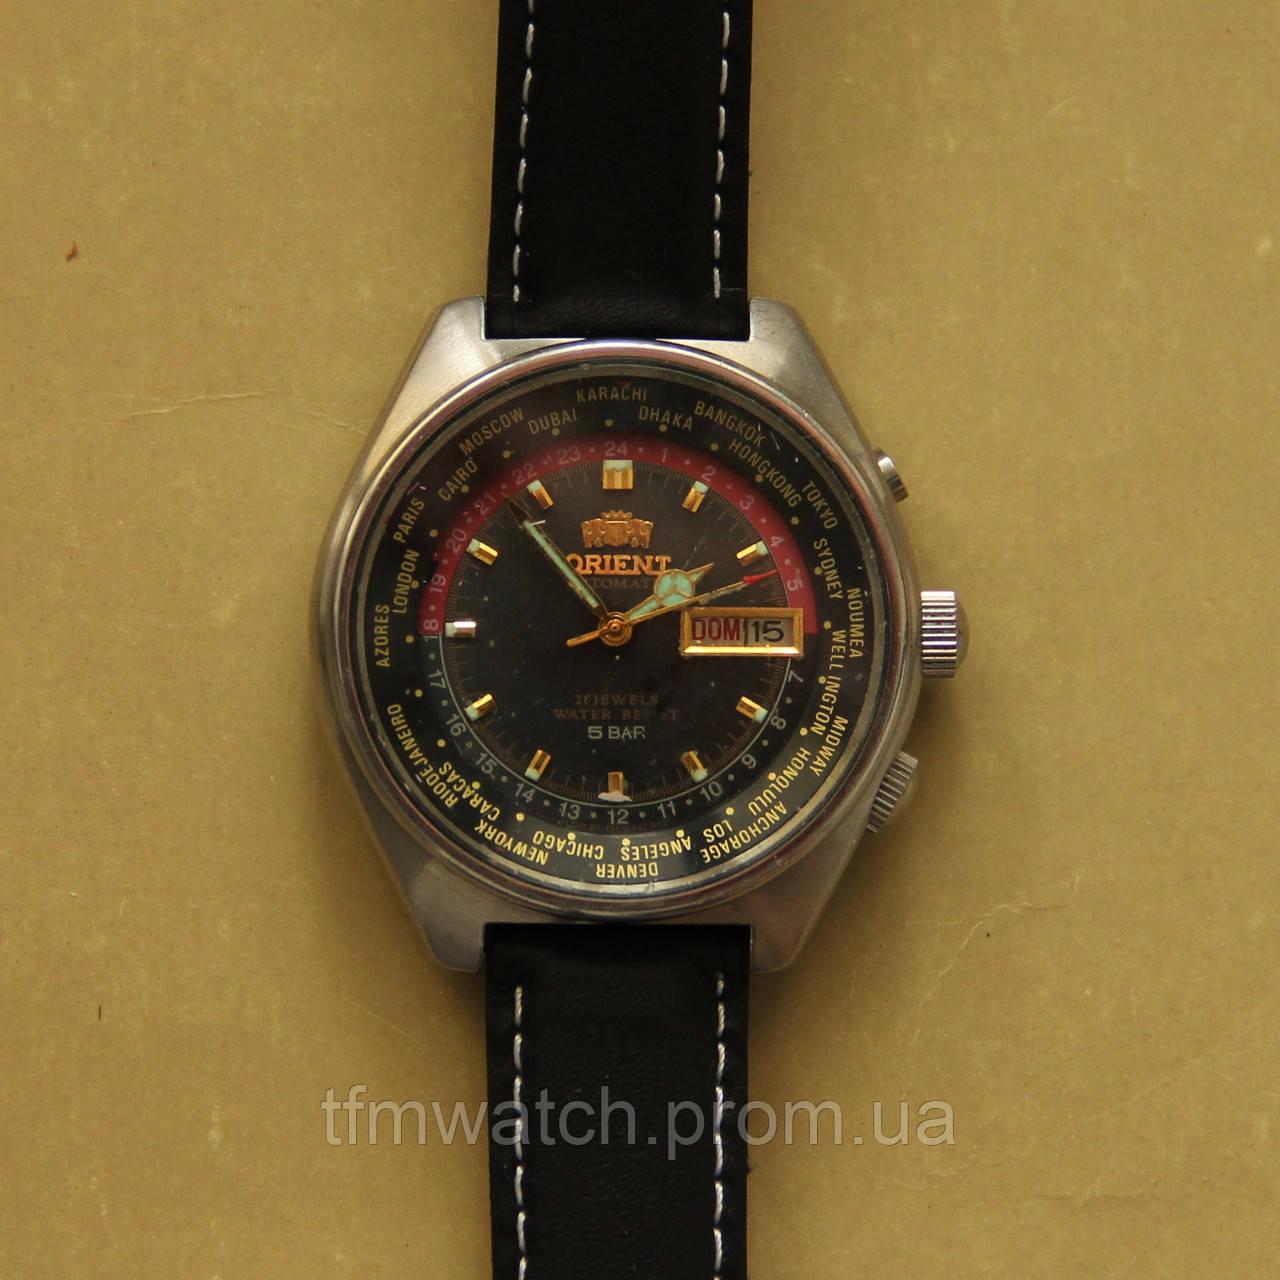 Orient механические часы автоподзавод два календаря - Магазин старинных,  винтажных и антикварных часов TFMwatch в d4149a03347